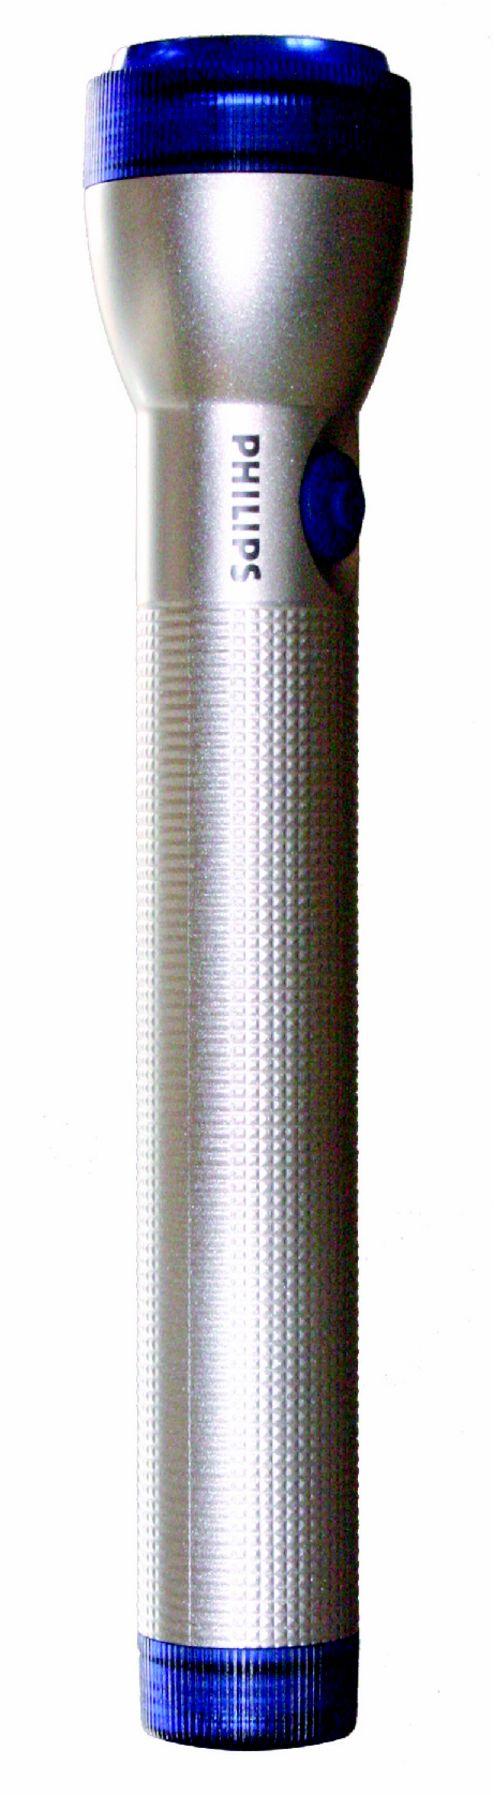 LightLife Flashlight SFL7320/27